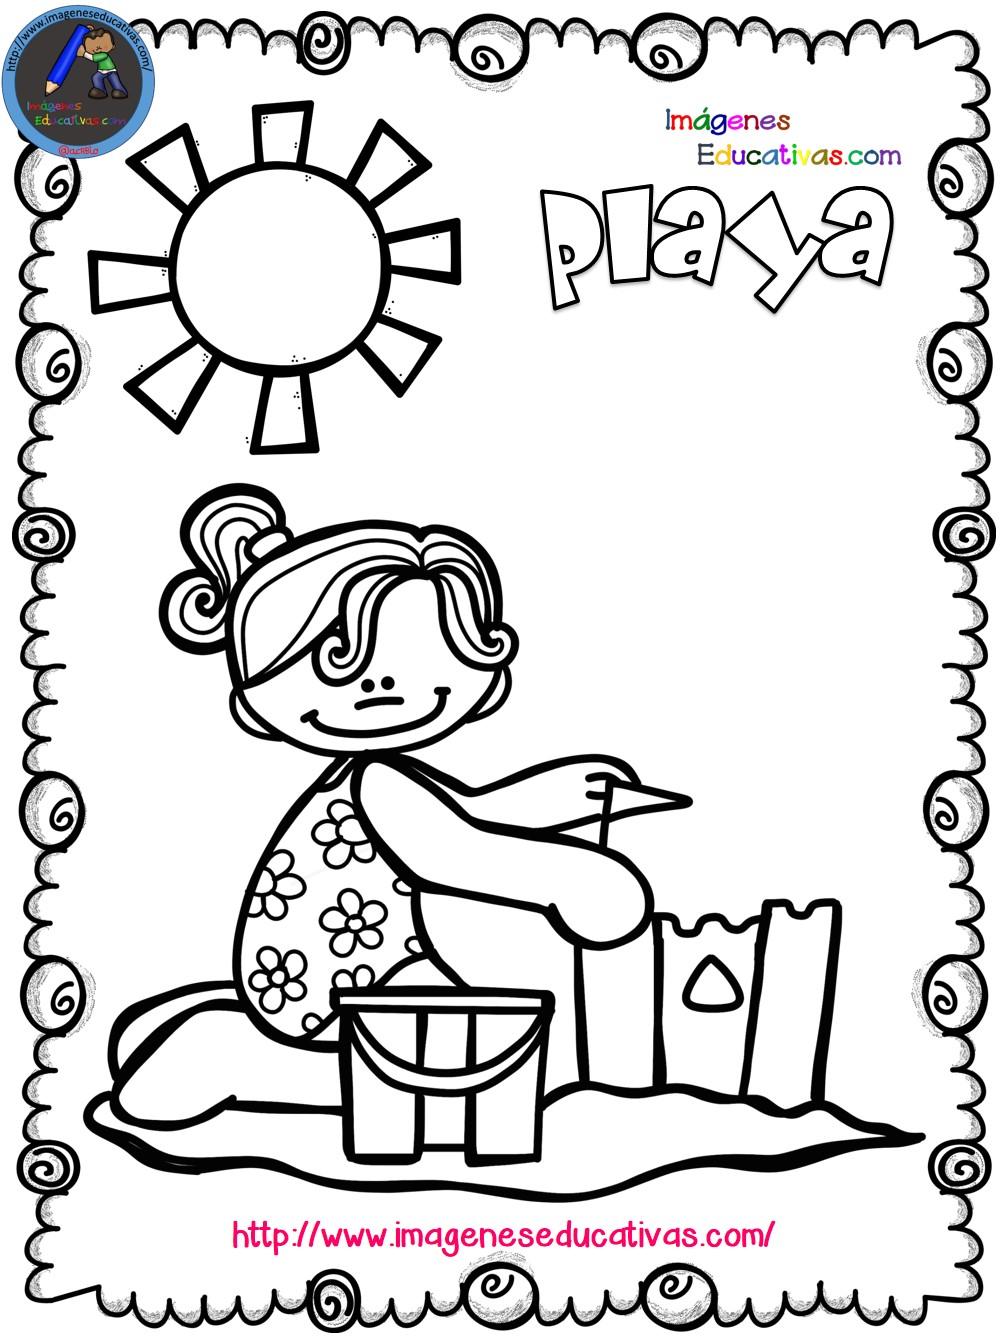 Mi libro para colorear en verano (11) - Imagenes Educativas